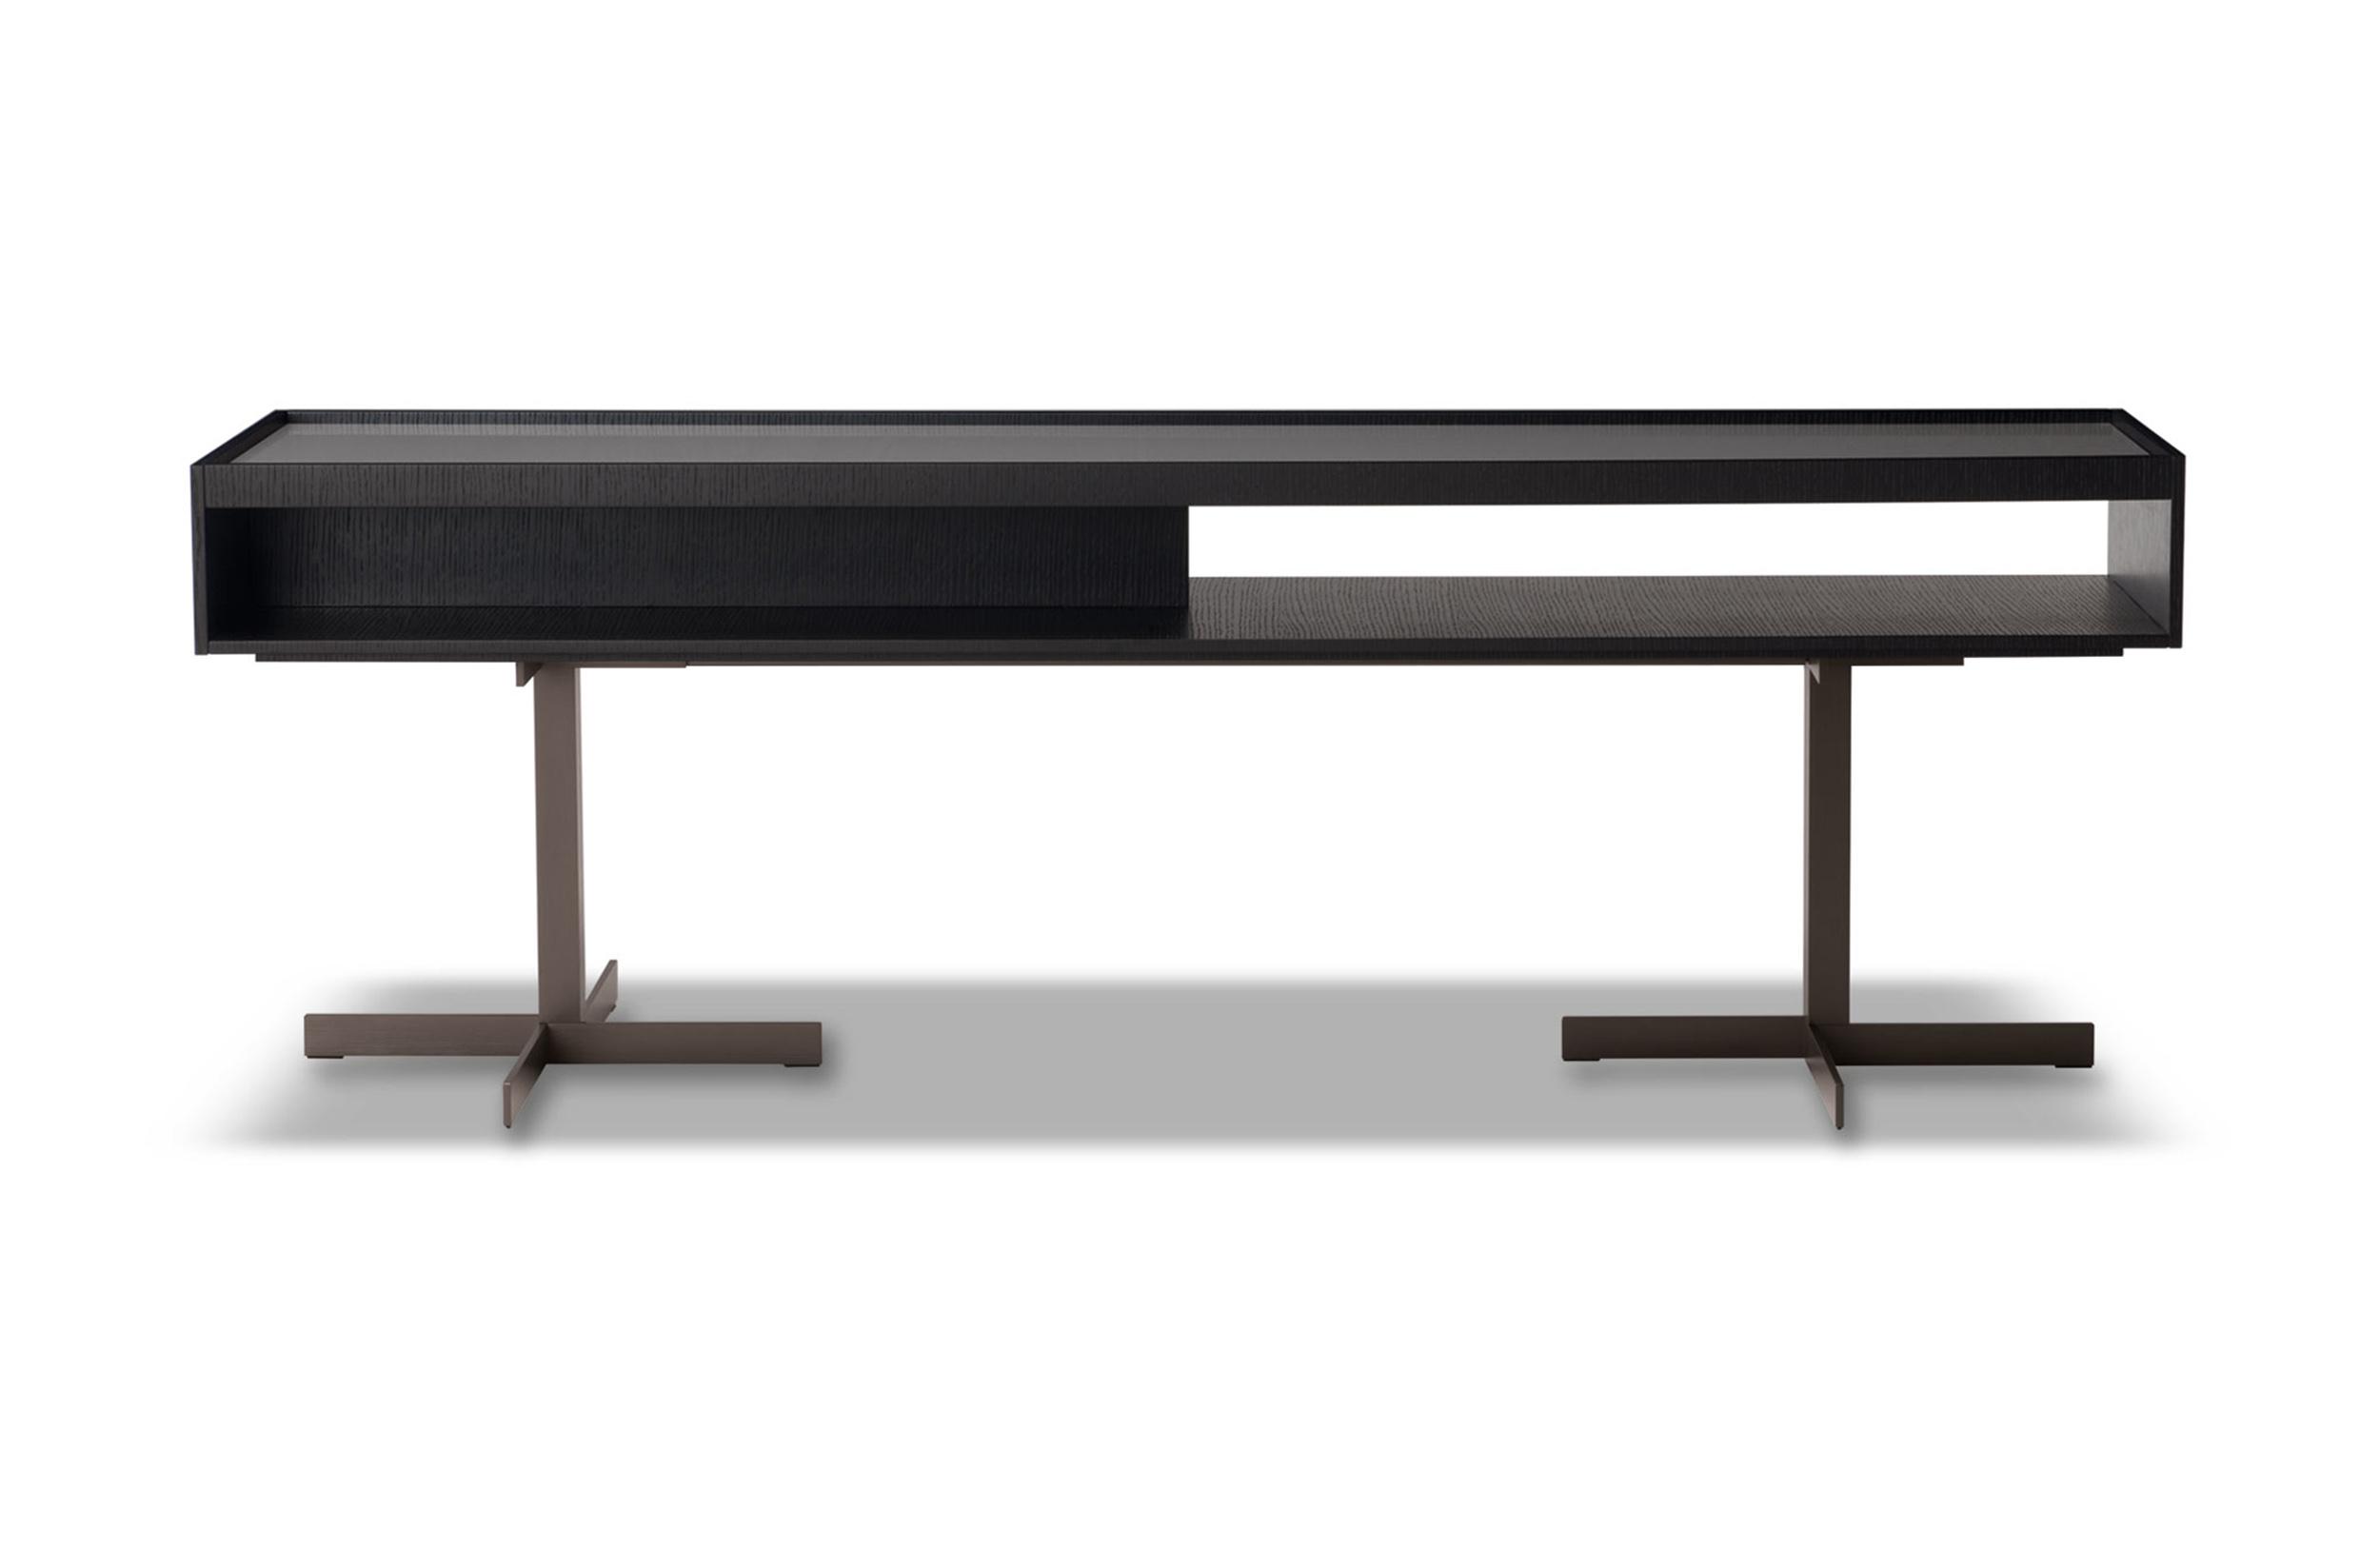 储物|床头柜|创意家具|现代家居|时尚家具|设计师家具|定制家具|实木家具|克洛塞床头柜